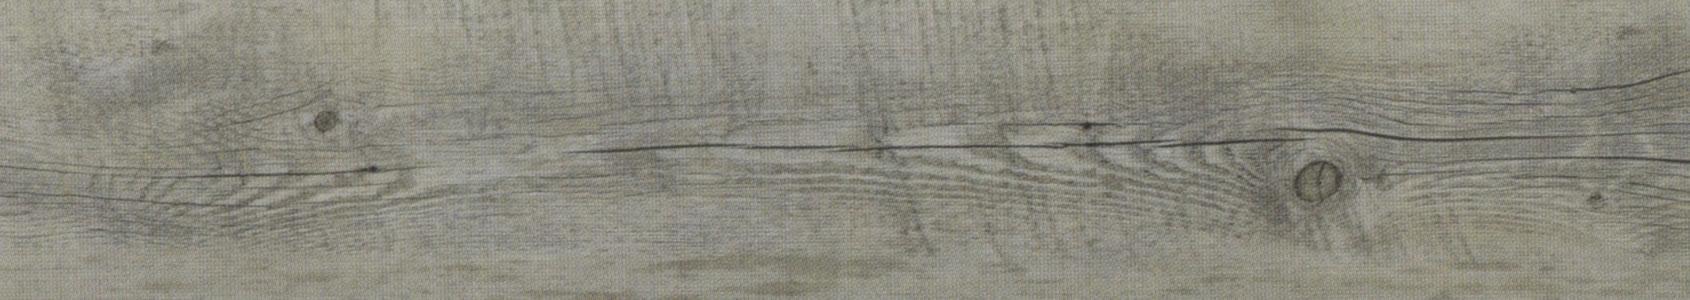 Senso rustic pavimento sintetico in p v c multistrato for Parquet adesivo